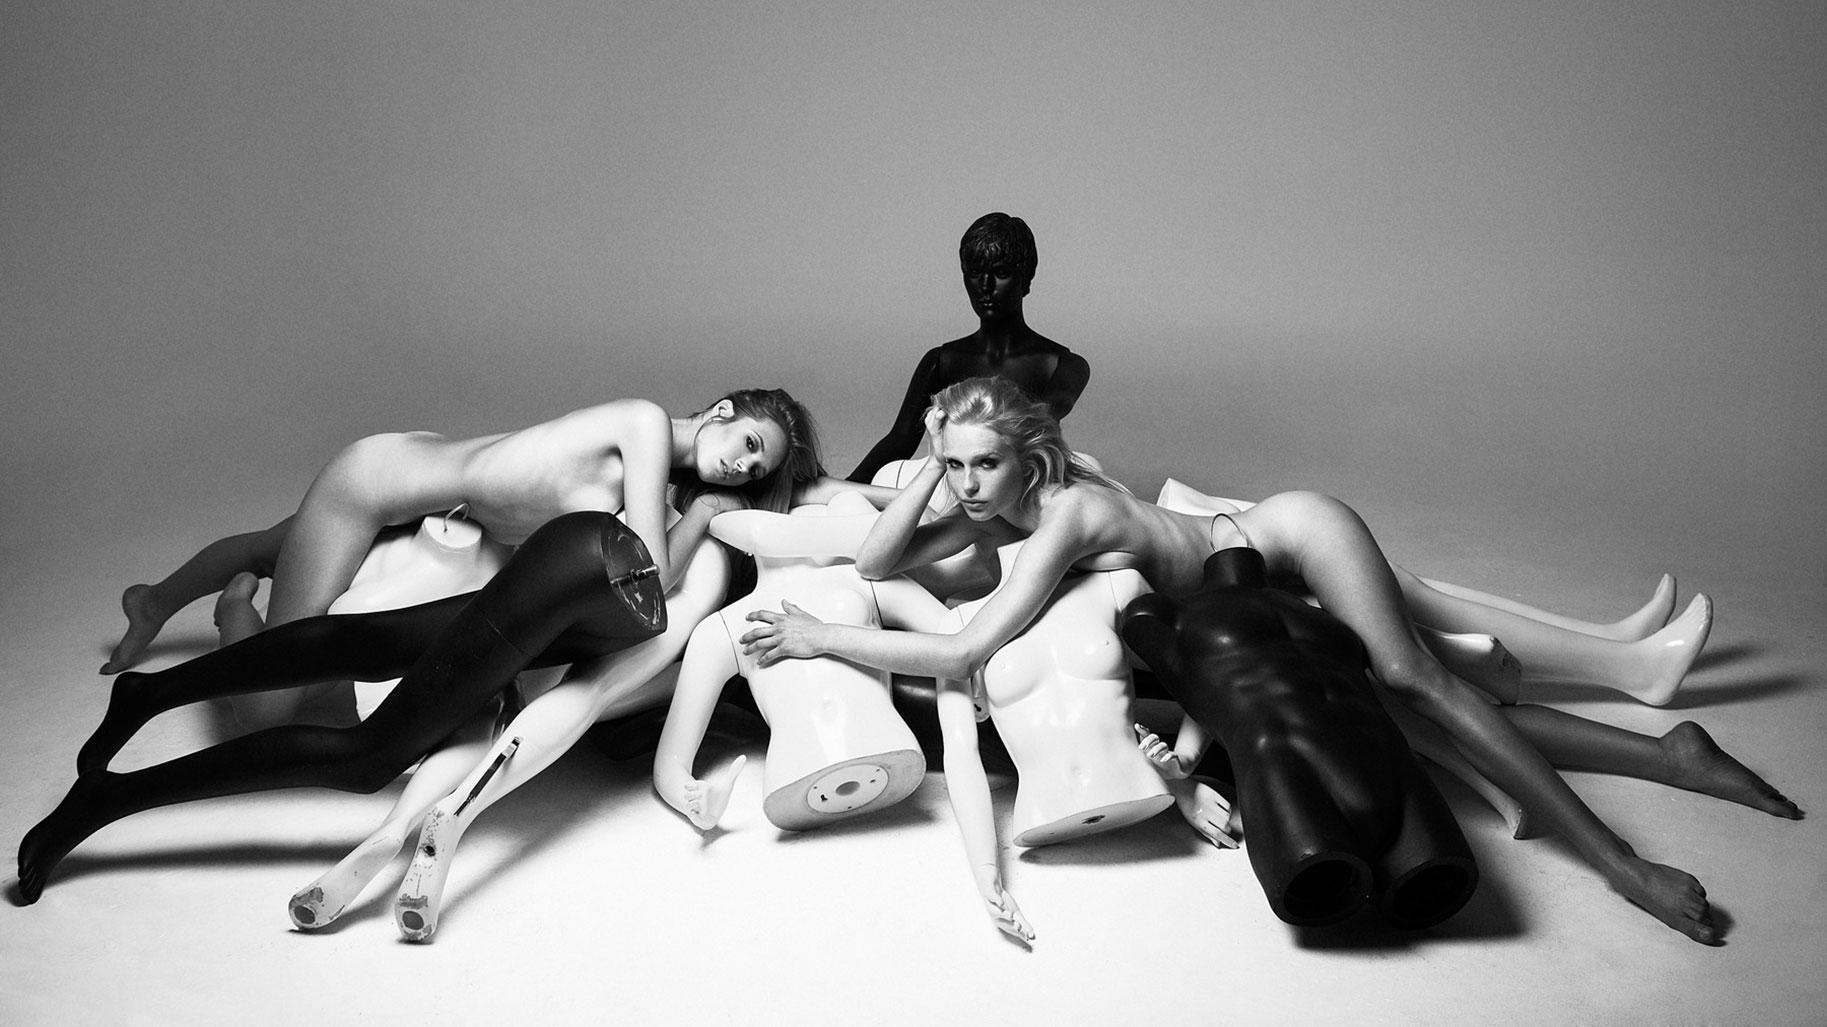 Голые девушки и манекены в серии фотографий Factory Girls by Khoa Bui